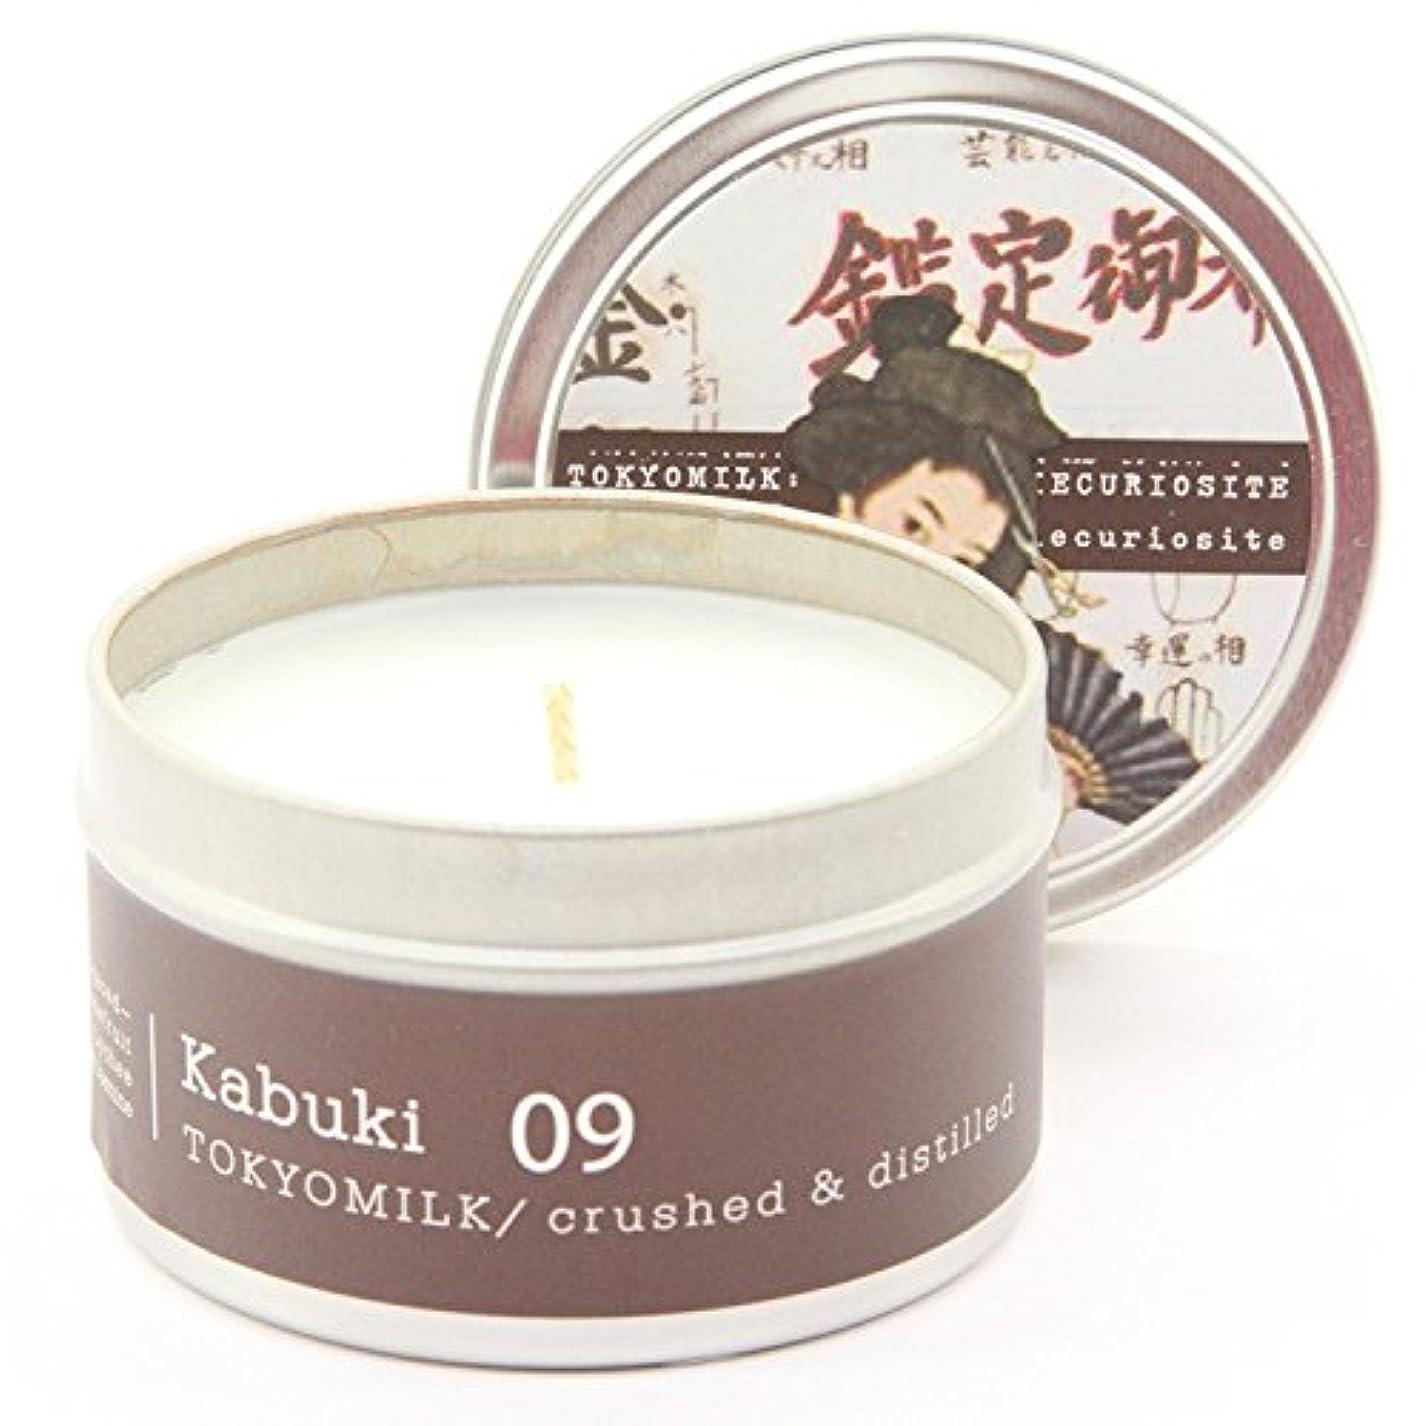 東京ミルク's 6 oz Tin Candle